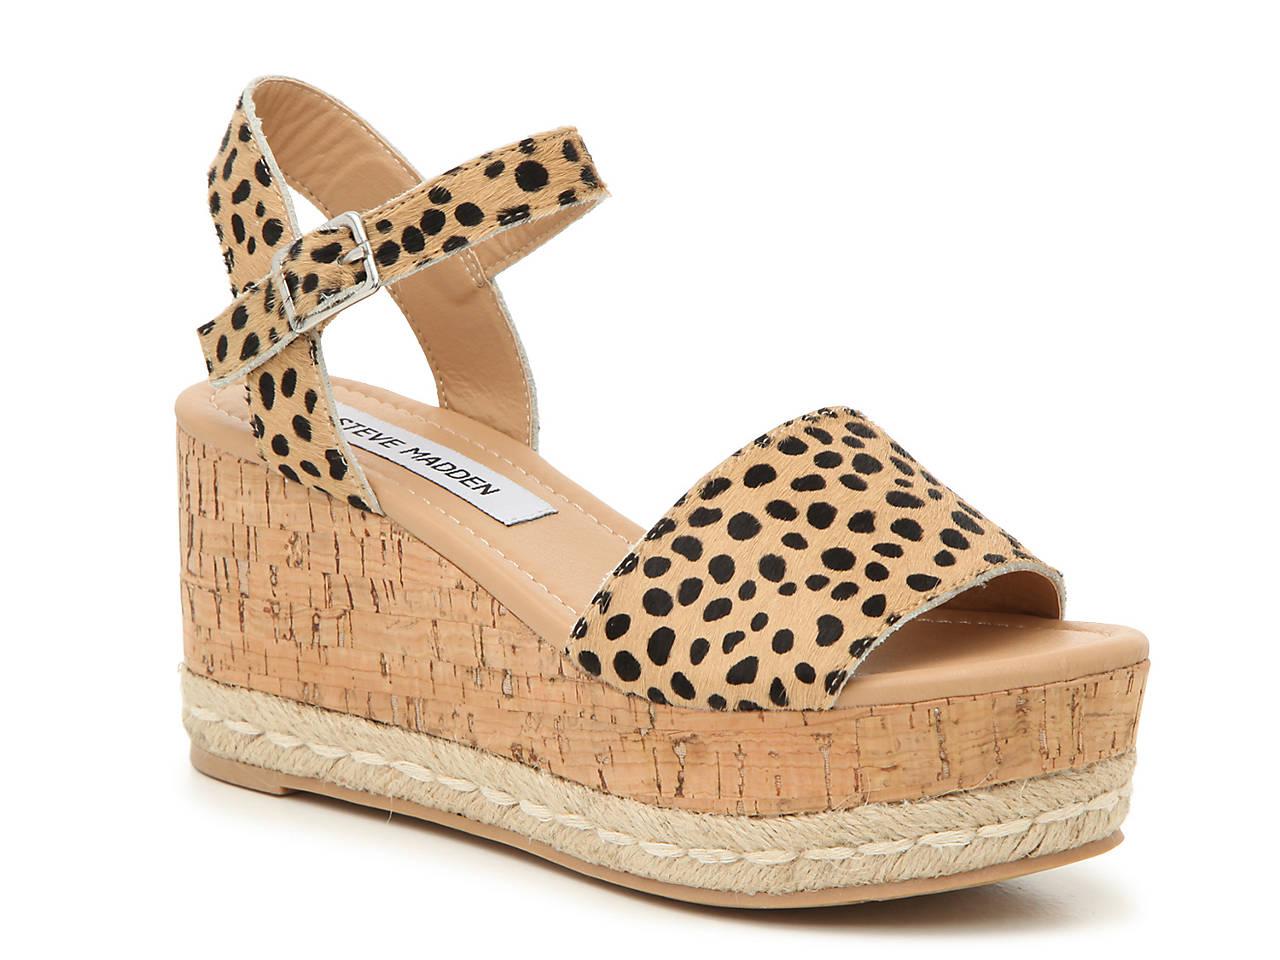 e76b0e2f048 Steve Madden Prima Espadrille Wedge Sandal Women s Shoes